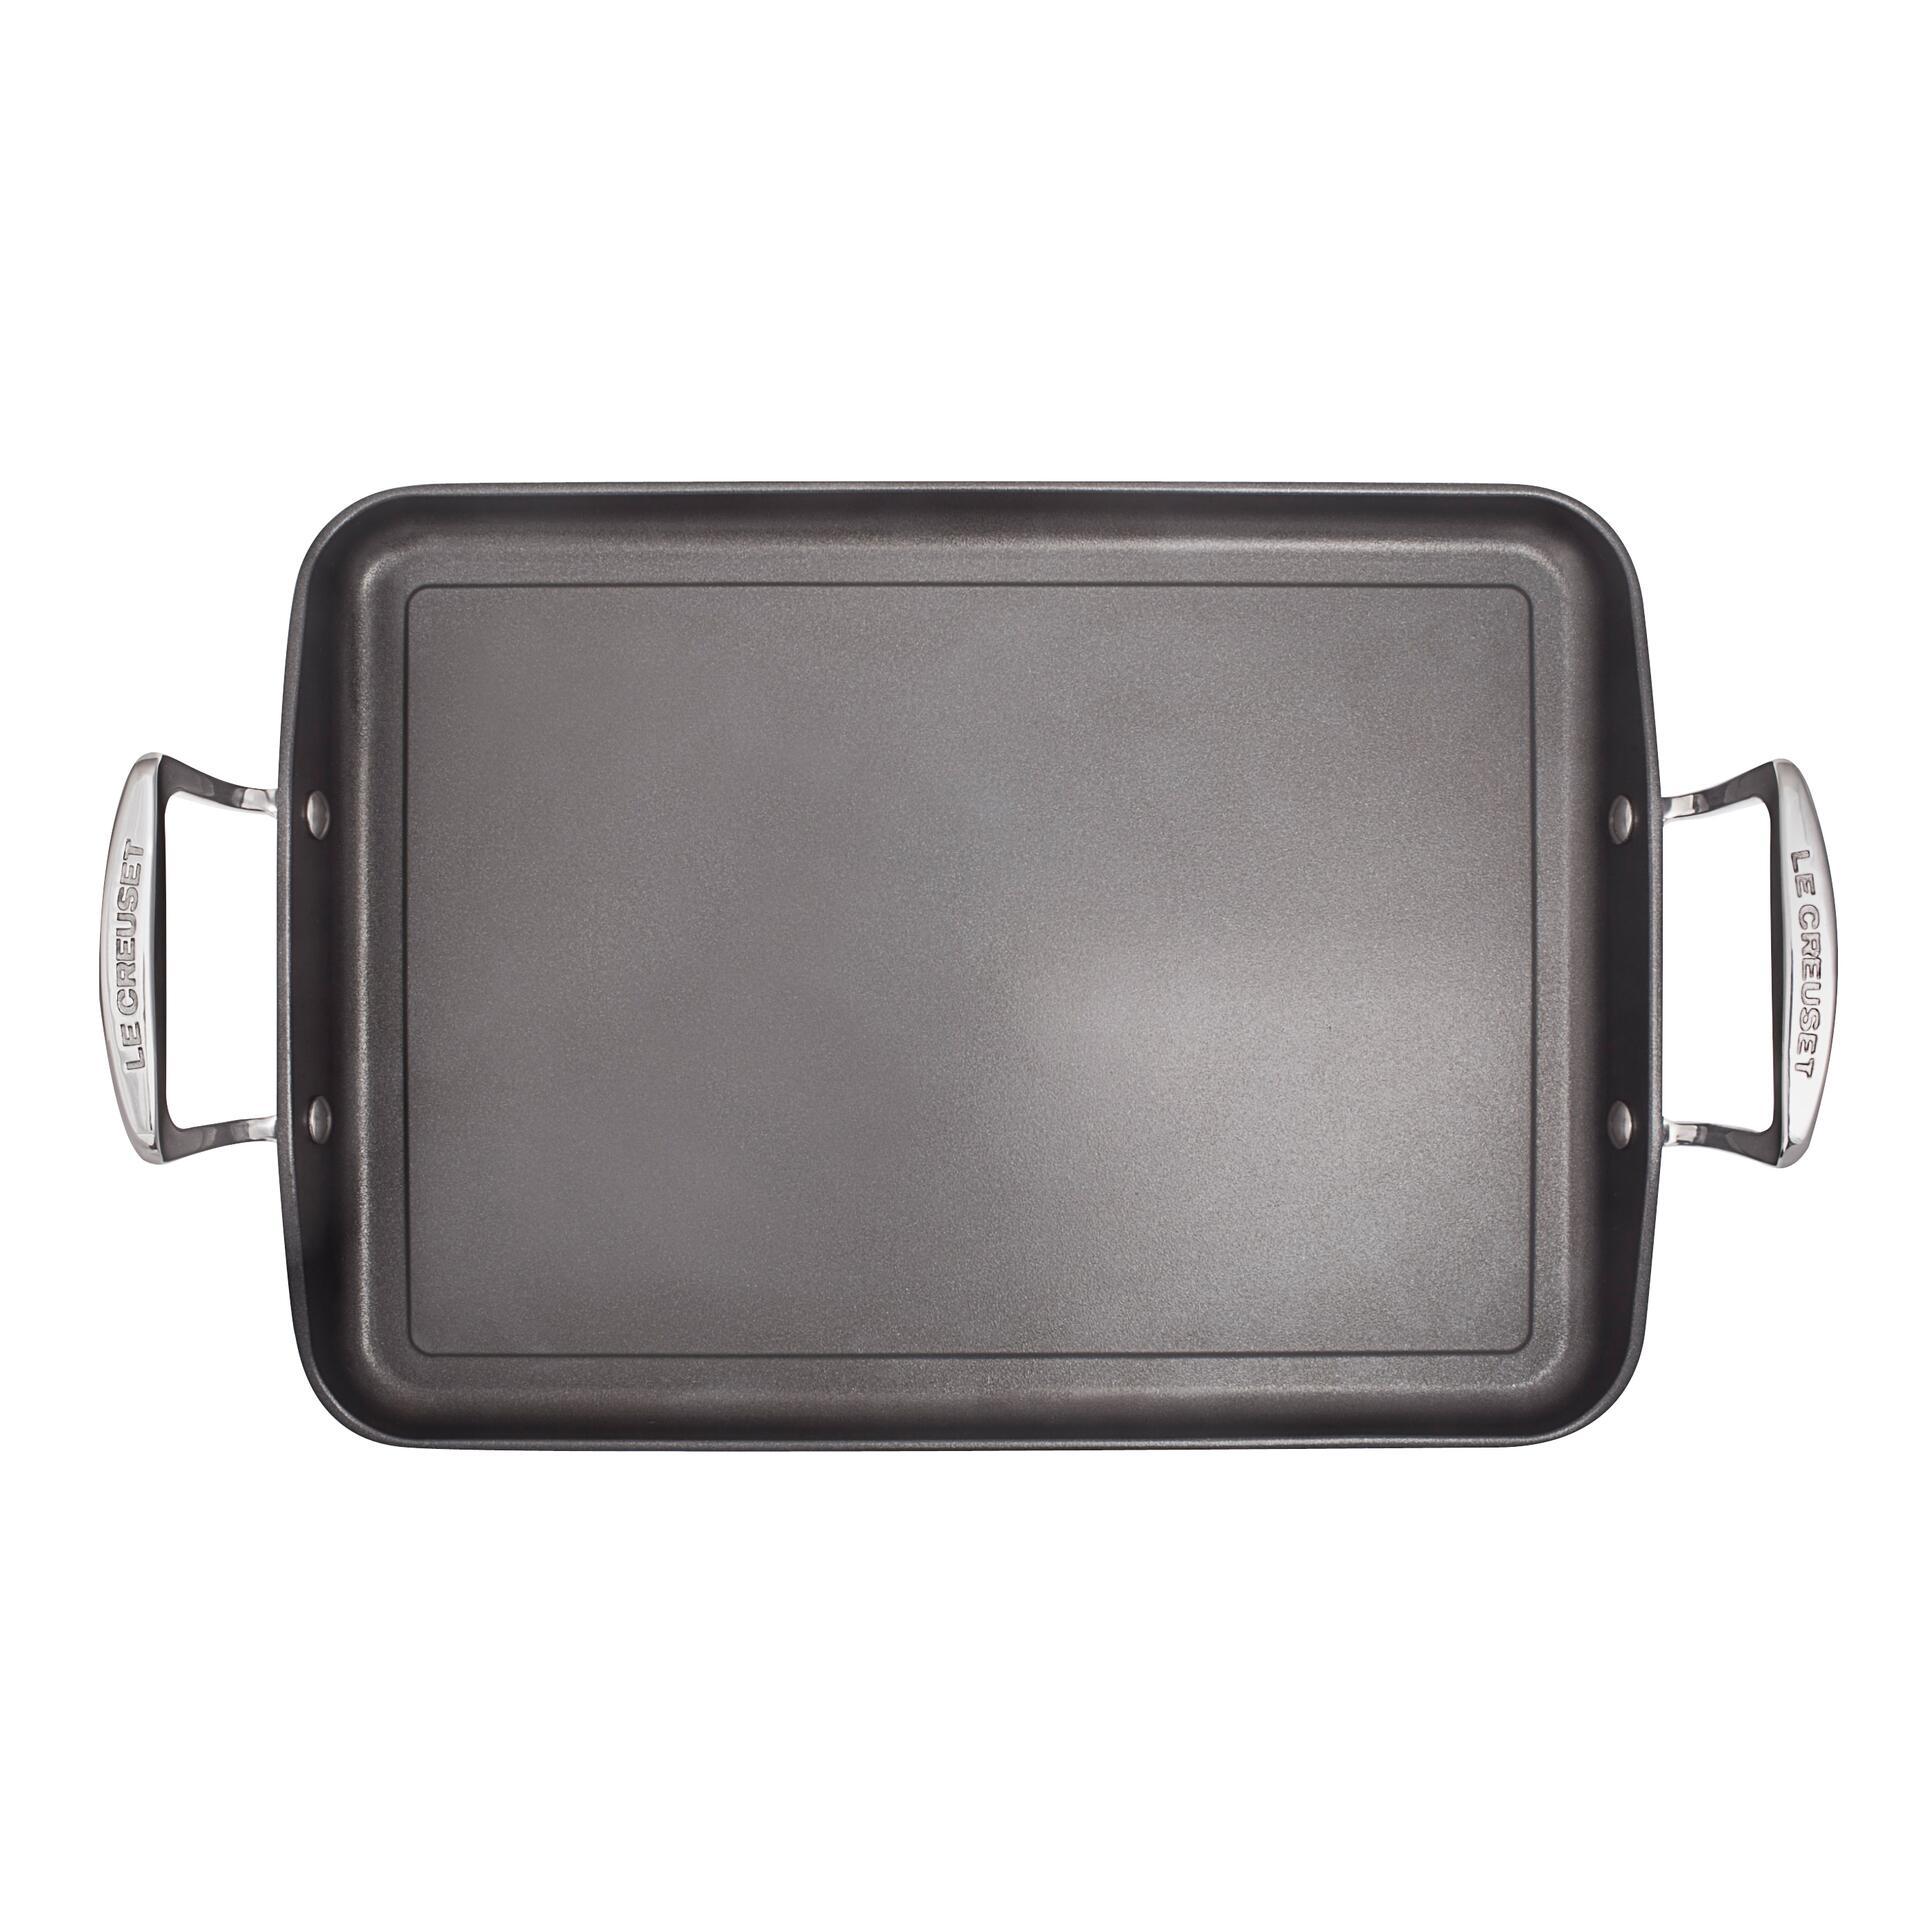 Le Creuset Aluminium-Antihaft-Grillplatte 34 x 25 cm